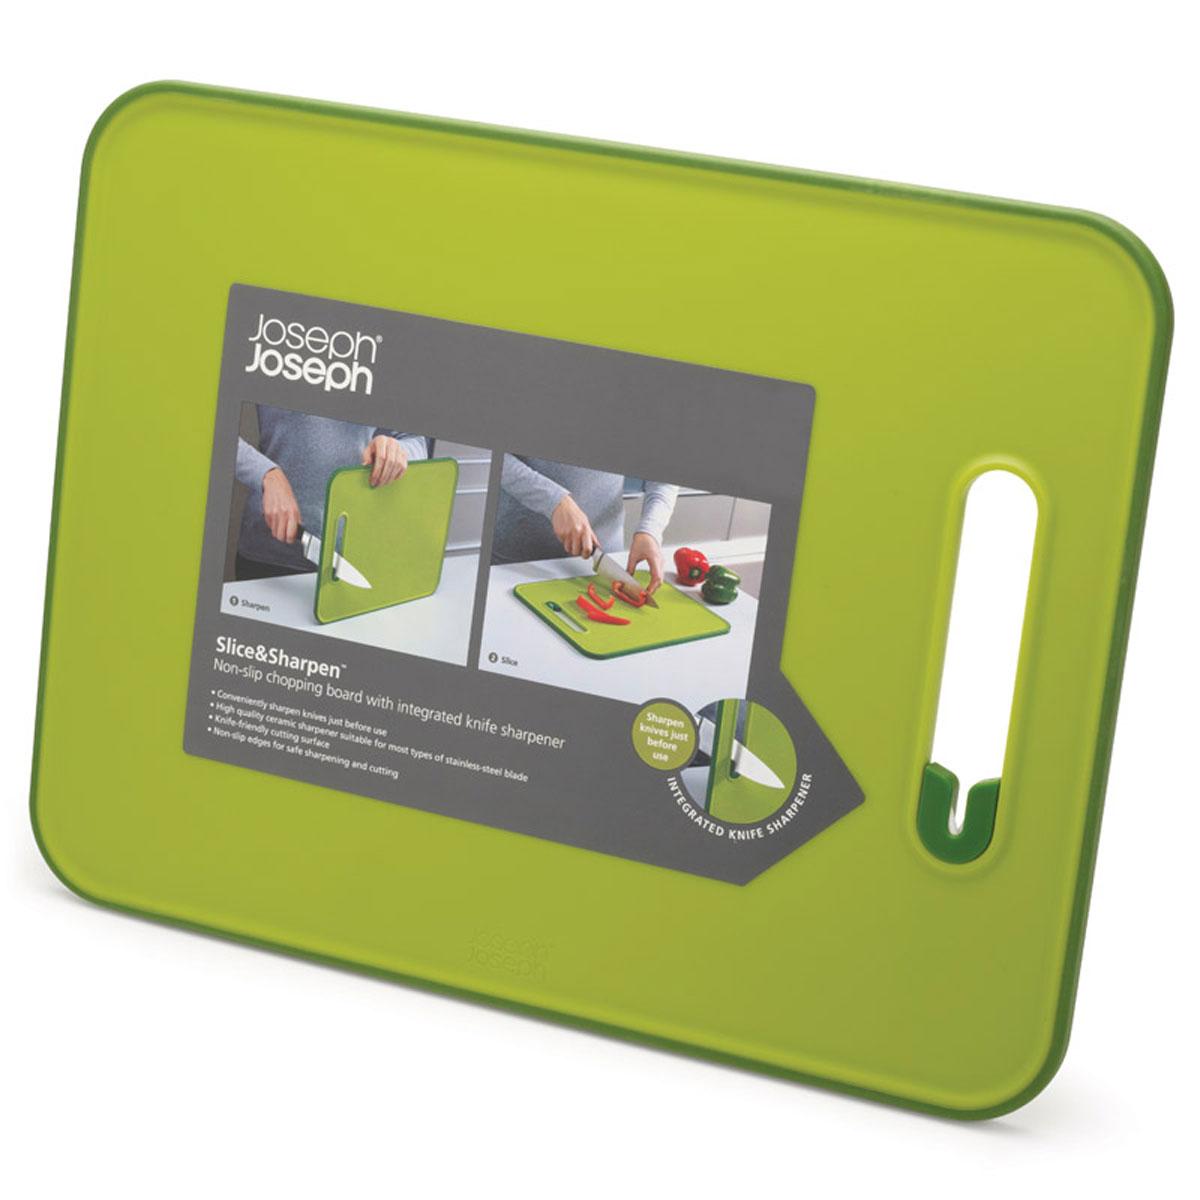 Доска разделочная Joseph Joseph Slice & Sharpen, с ножеточкой, цвет: зеленый, 37 х 28 х 1 см60027Доска разделочная Joseph Joseph Slice & Sharpen изготовлена из полипропилена, который защищает целостность ваших ножей и минимизирует его затупление. Доска оснащена керамической точилкой для лезвия, которая встроена прямо в рабочую поверхность. Для заточки поставьте доску на сухую плоскую поверхность, поместить лезвие ножа в прорезь и проведите несколько раз. Нескользящий прорезиненный край доски обеспечивает устойчивость, как при нарезке продуктов, так и при заточке лезвия. Можно мыть в посудомоечной машине. Размер доски: 37 см х 28 см х 1 см.